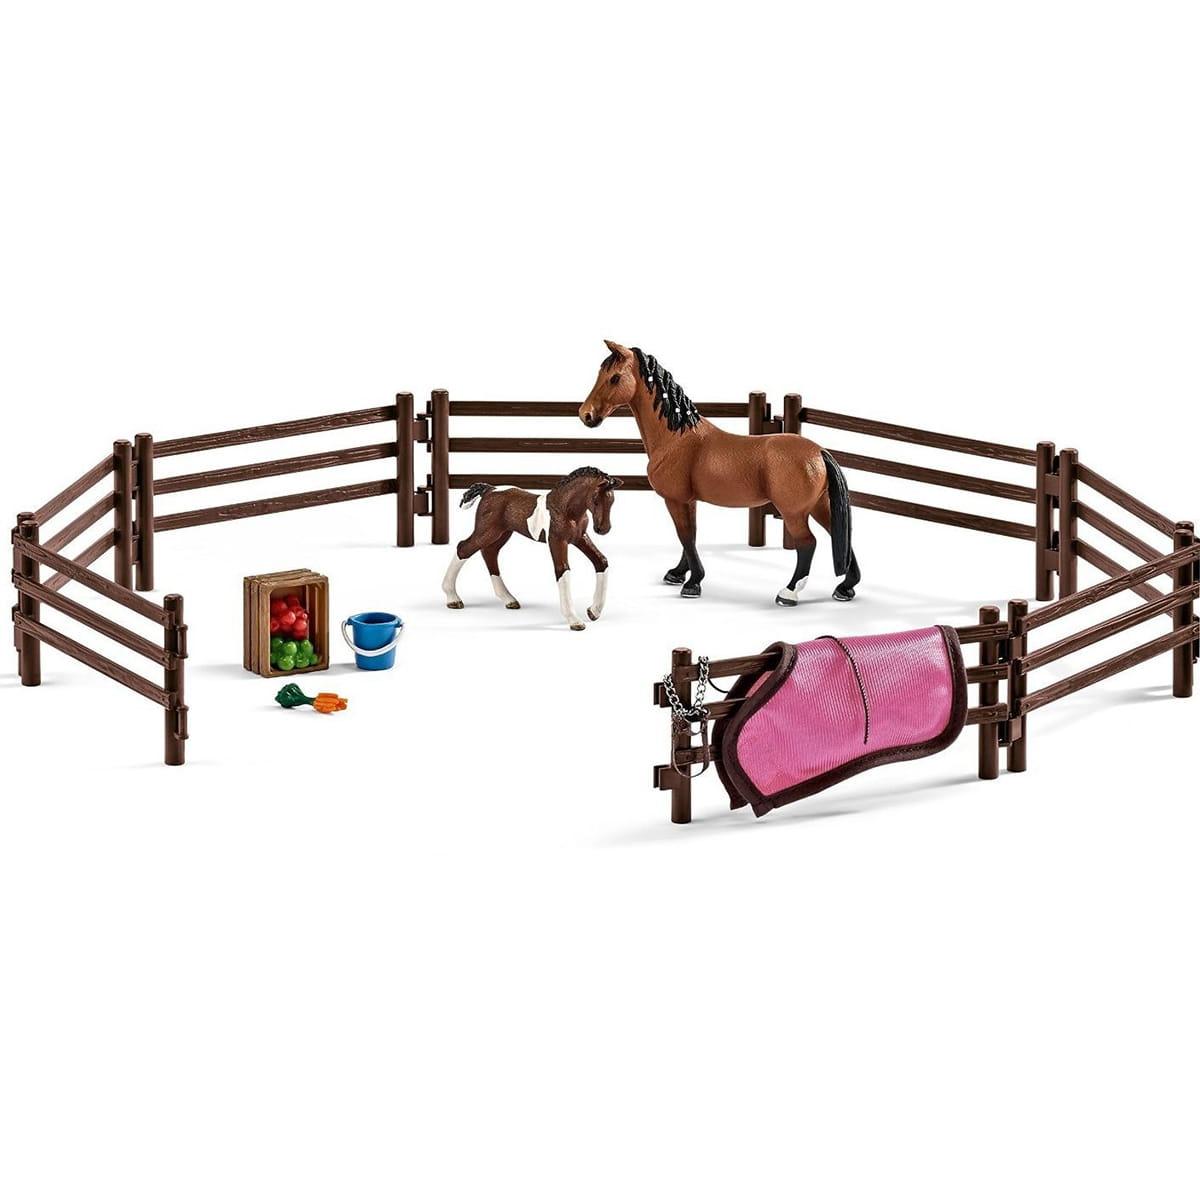 Игровой набор Schleich 42192 Загон с животными и аксессуарами